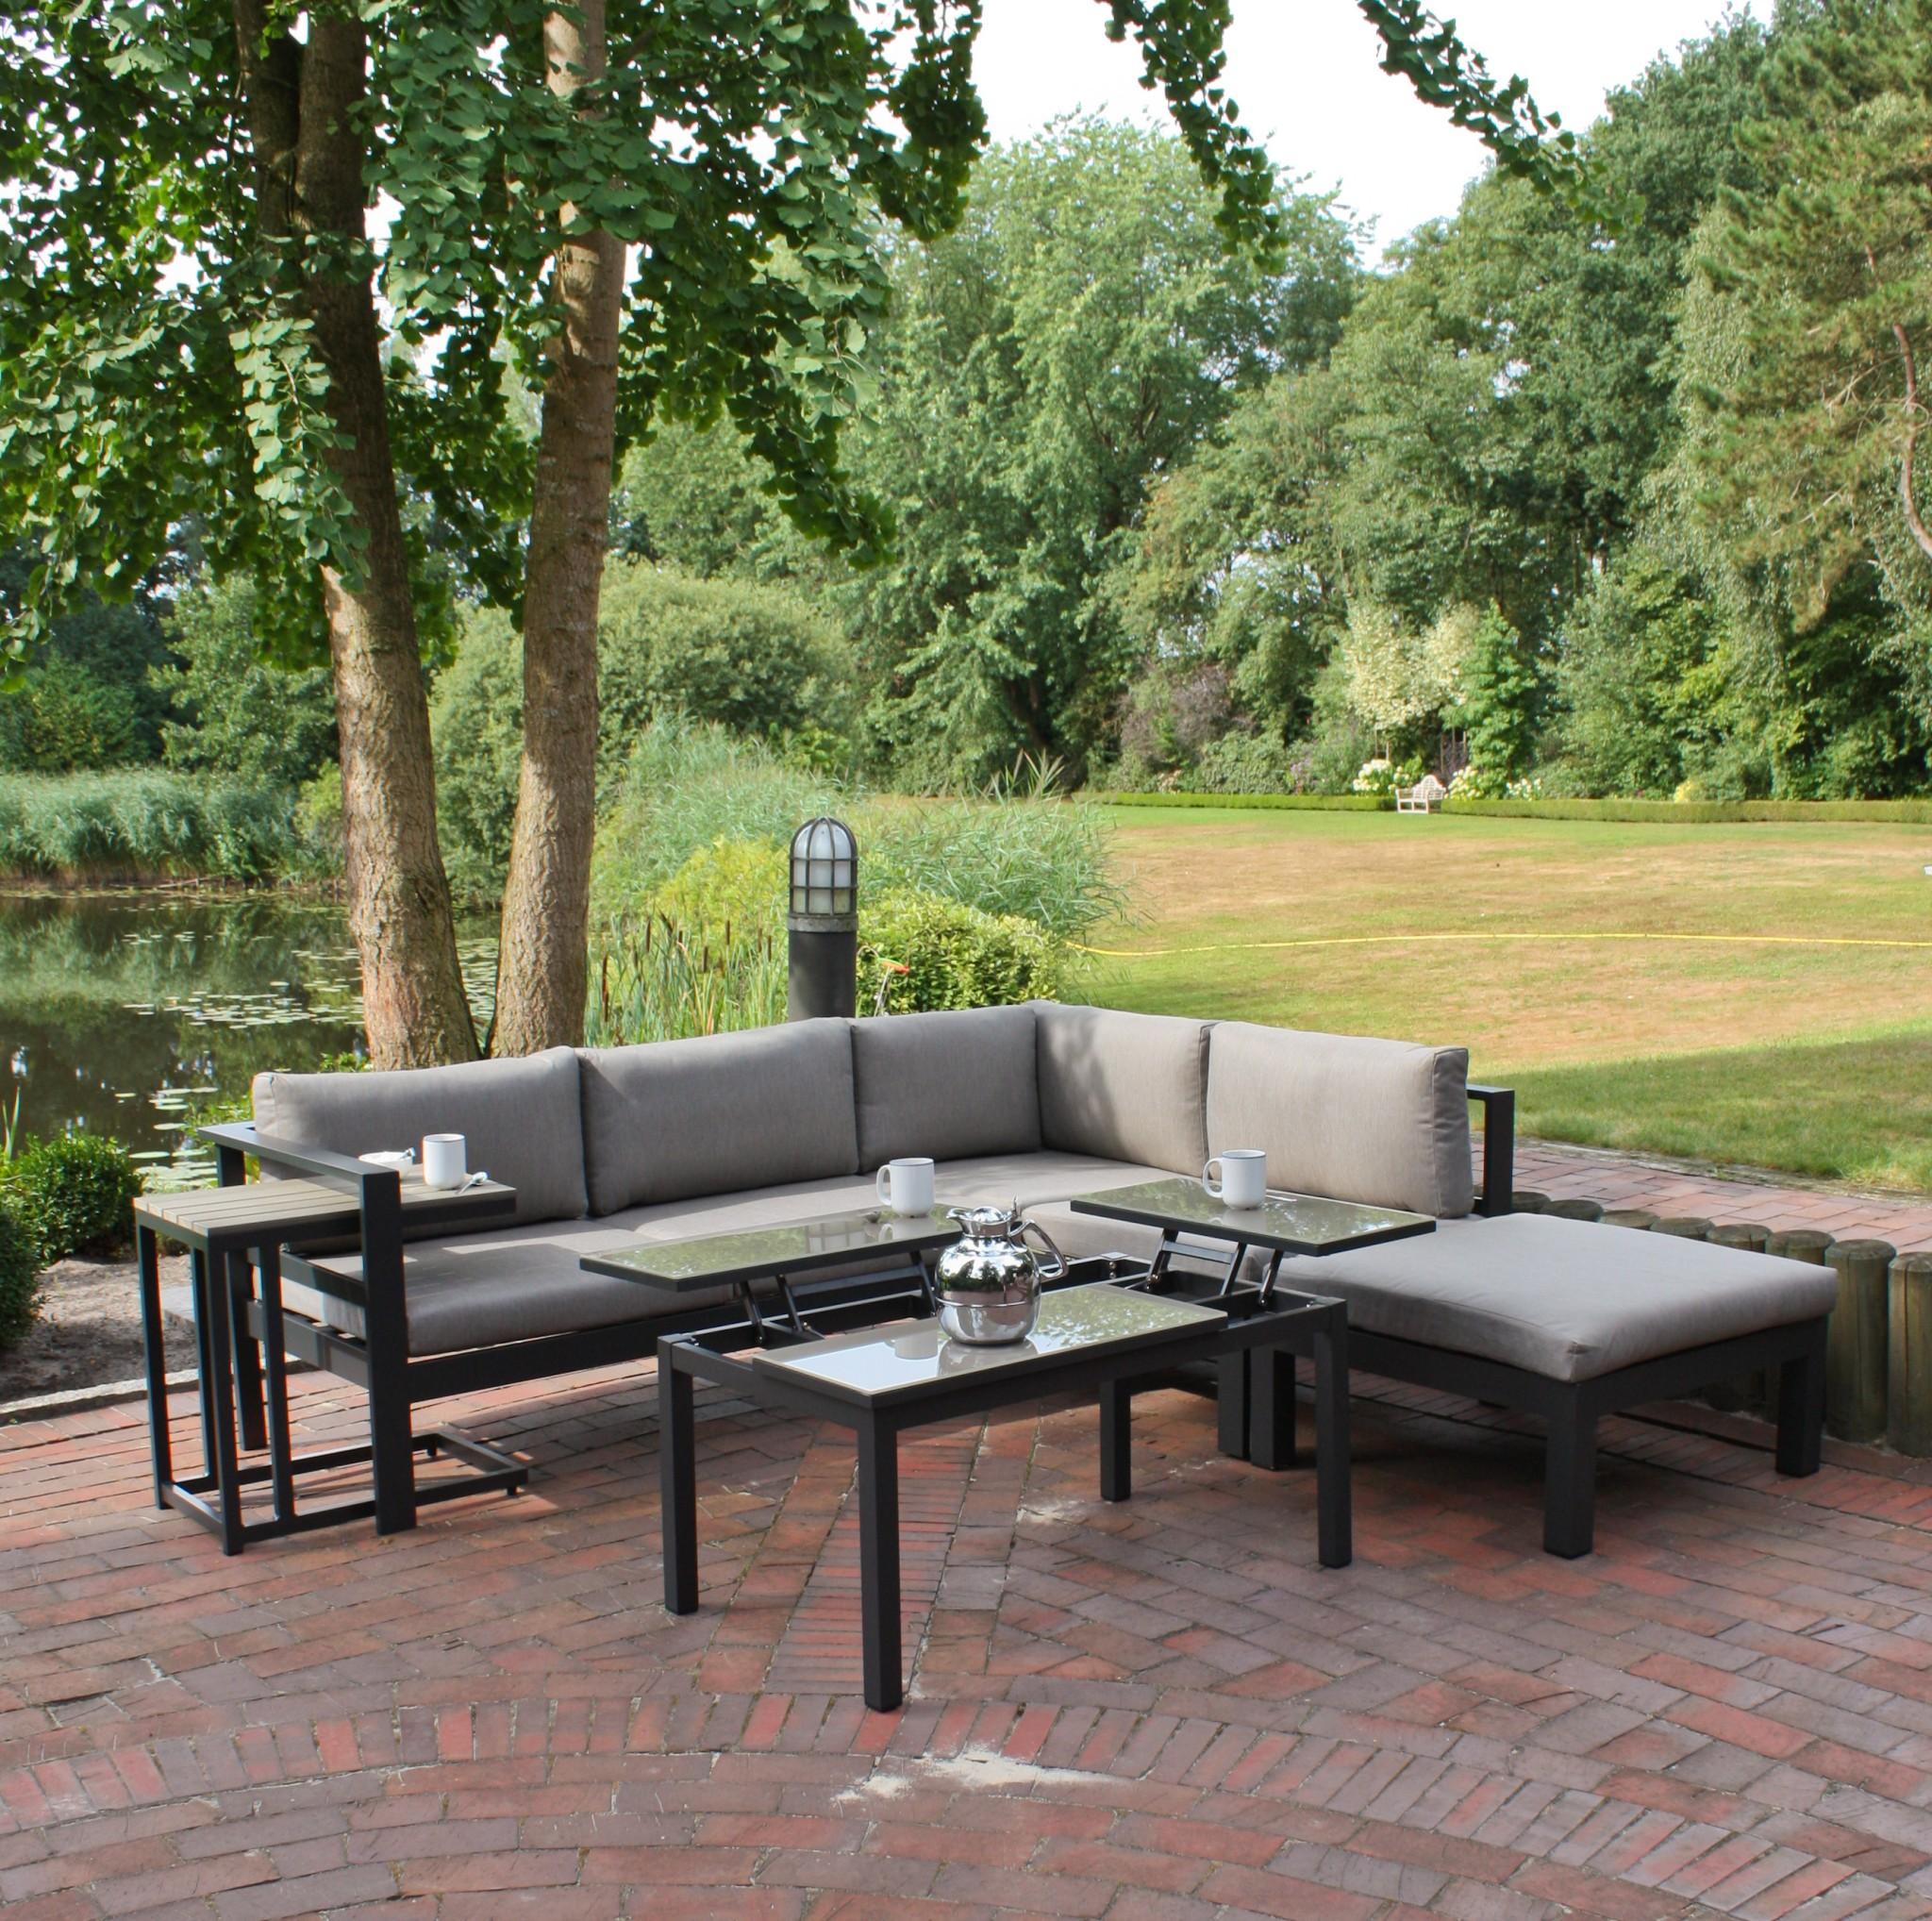 Full Size of 5tlg Alu Lounge Eckgruppe Garten Sitzgruppe Terrasse Tisch Sofa Wohnzimmer Couch Terrasse